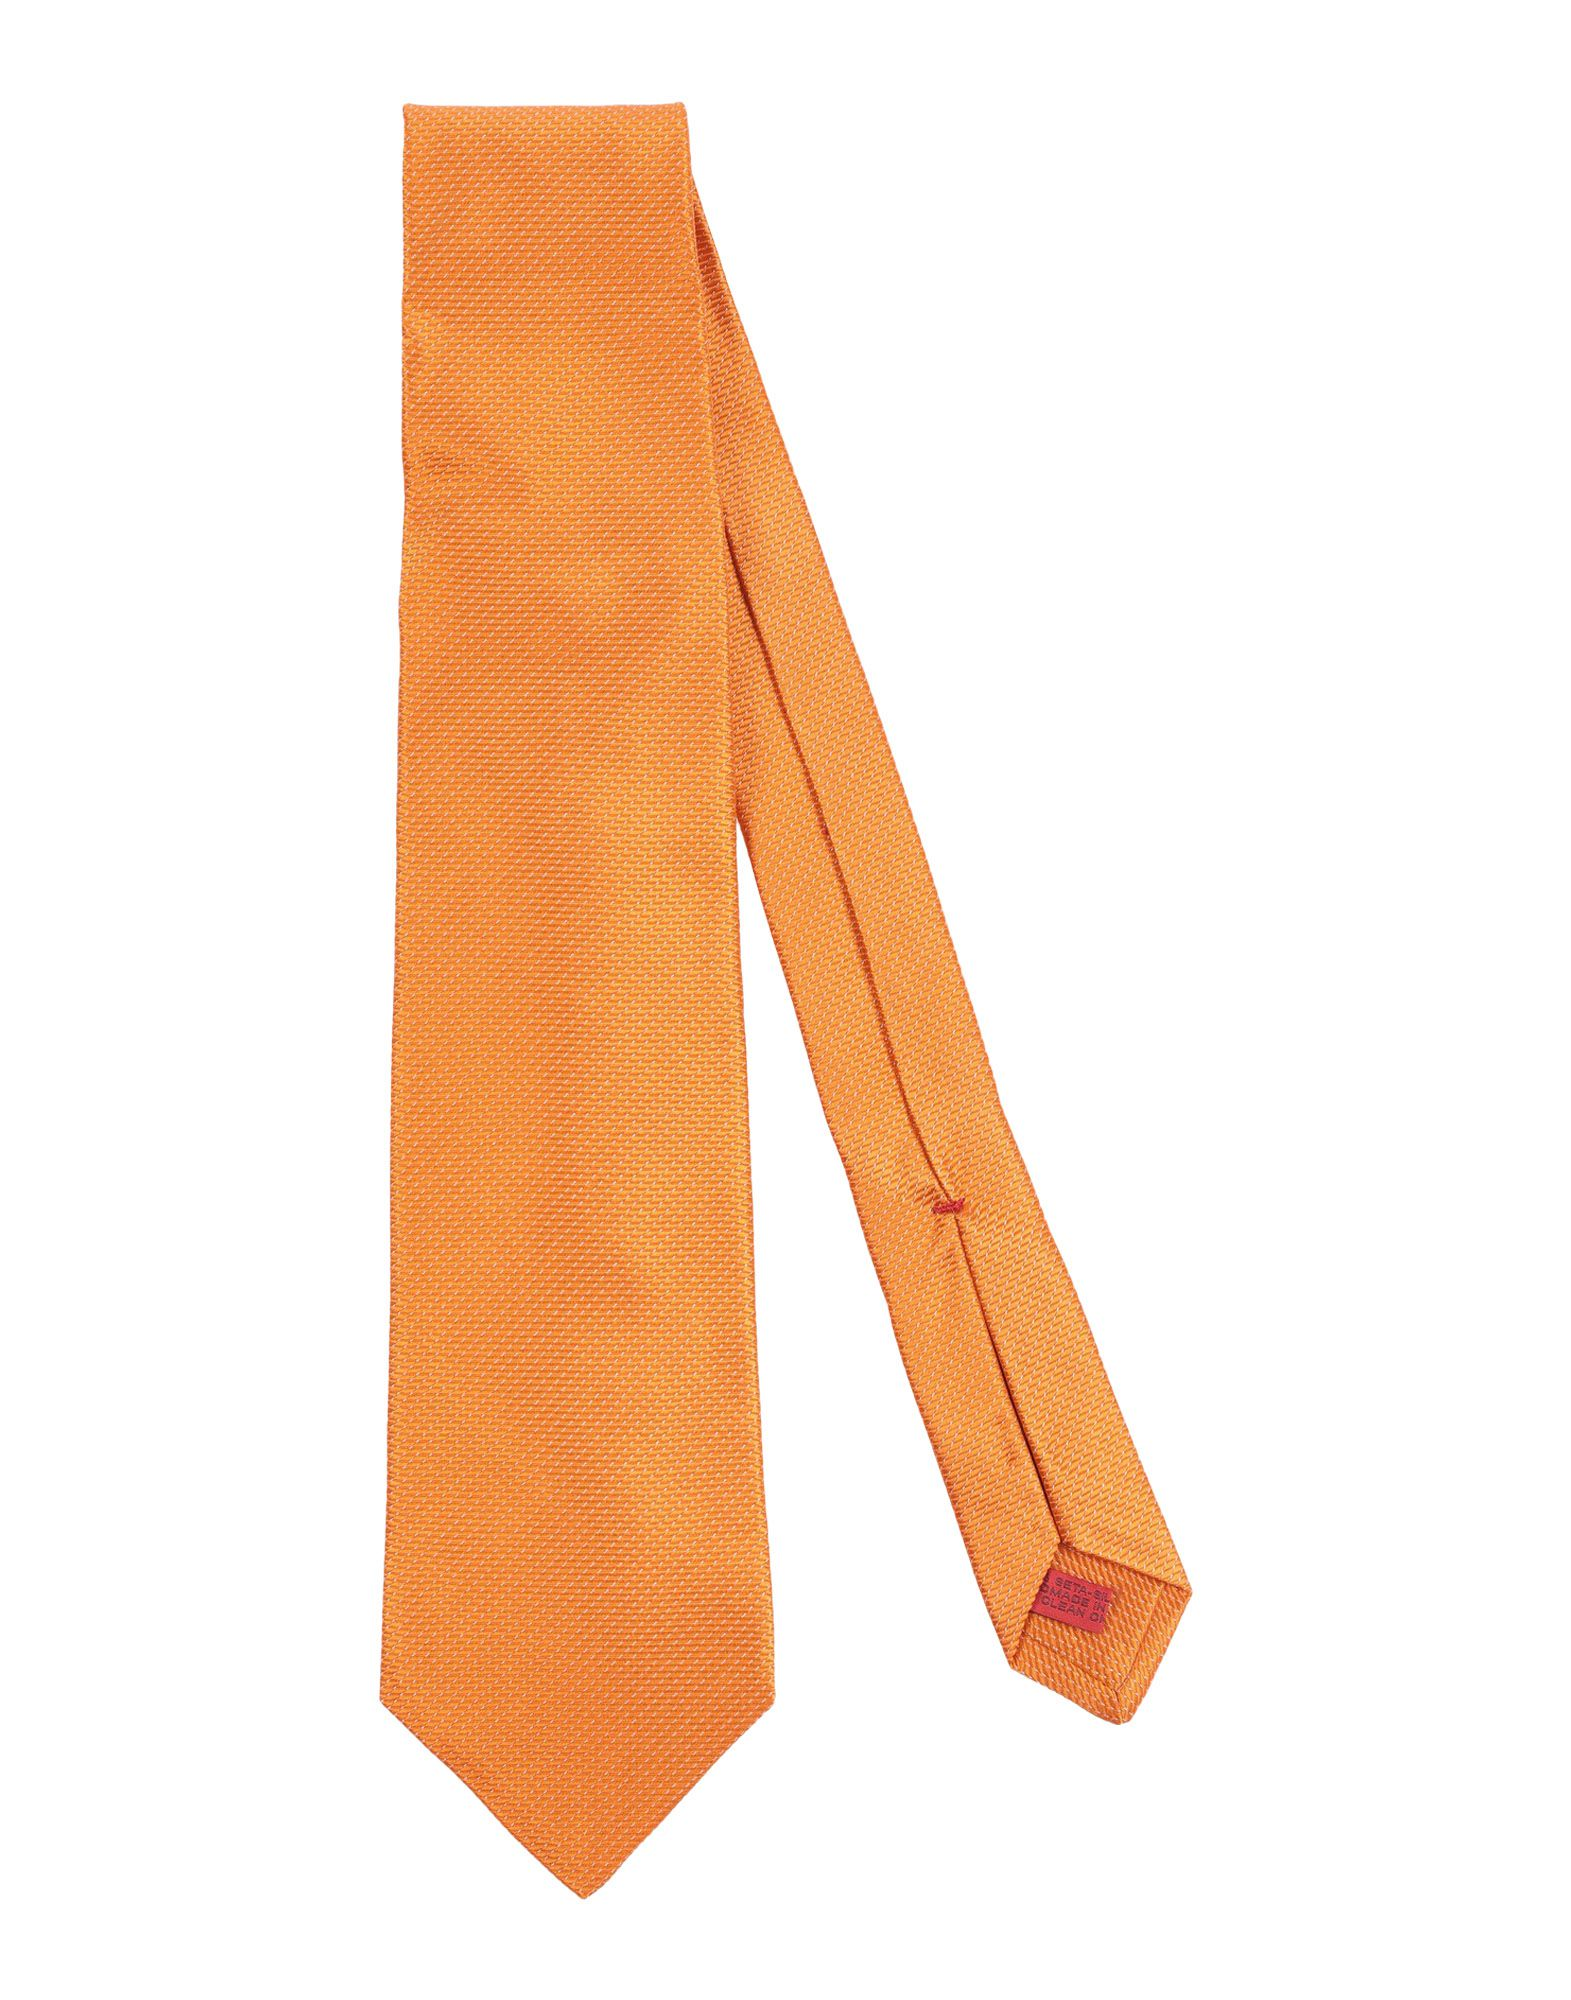 《送料無料》ISAIA メンズ ネクタイ オレンジ シルク 100%